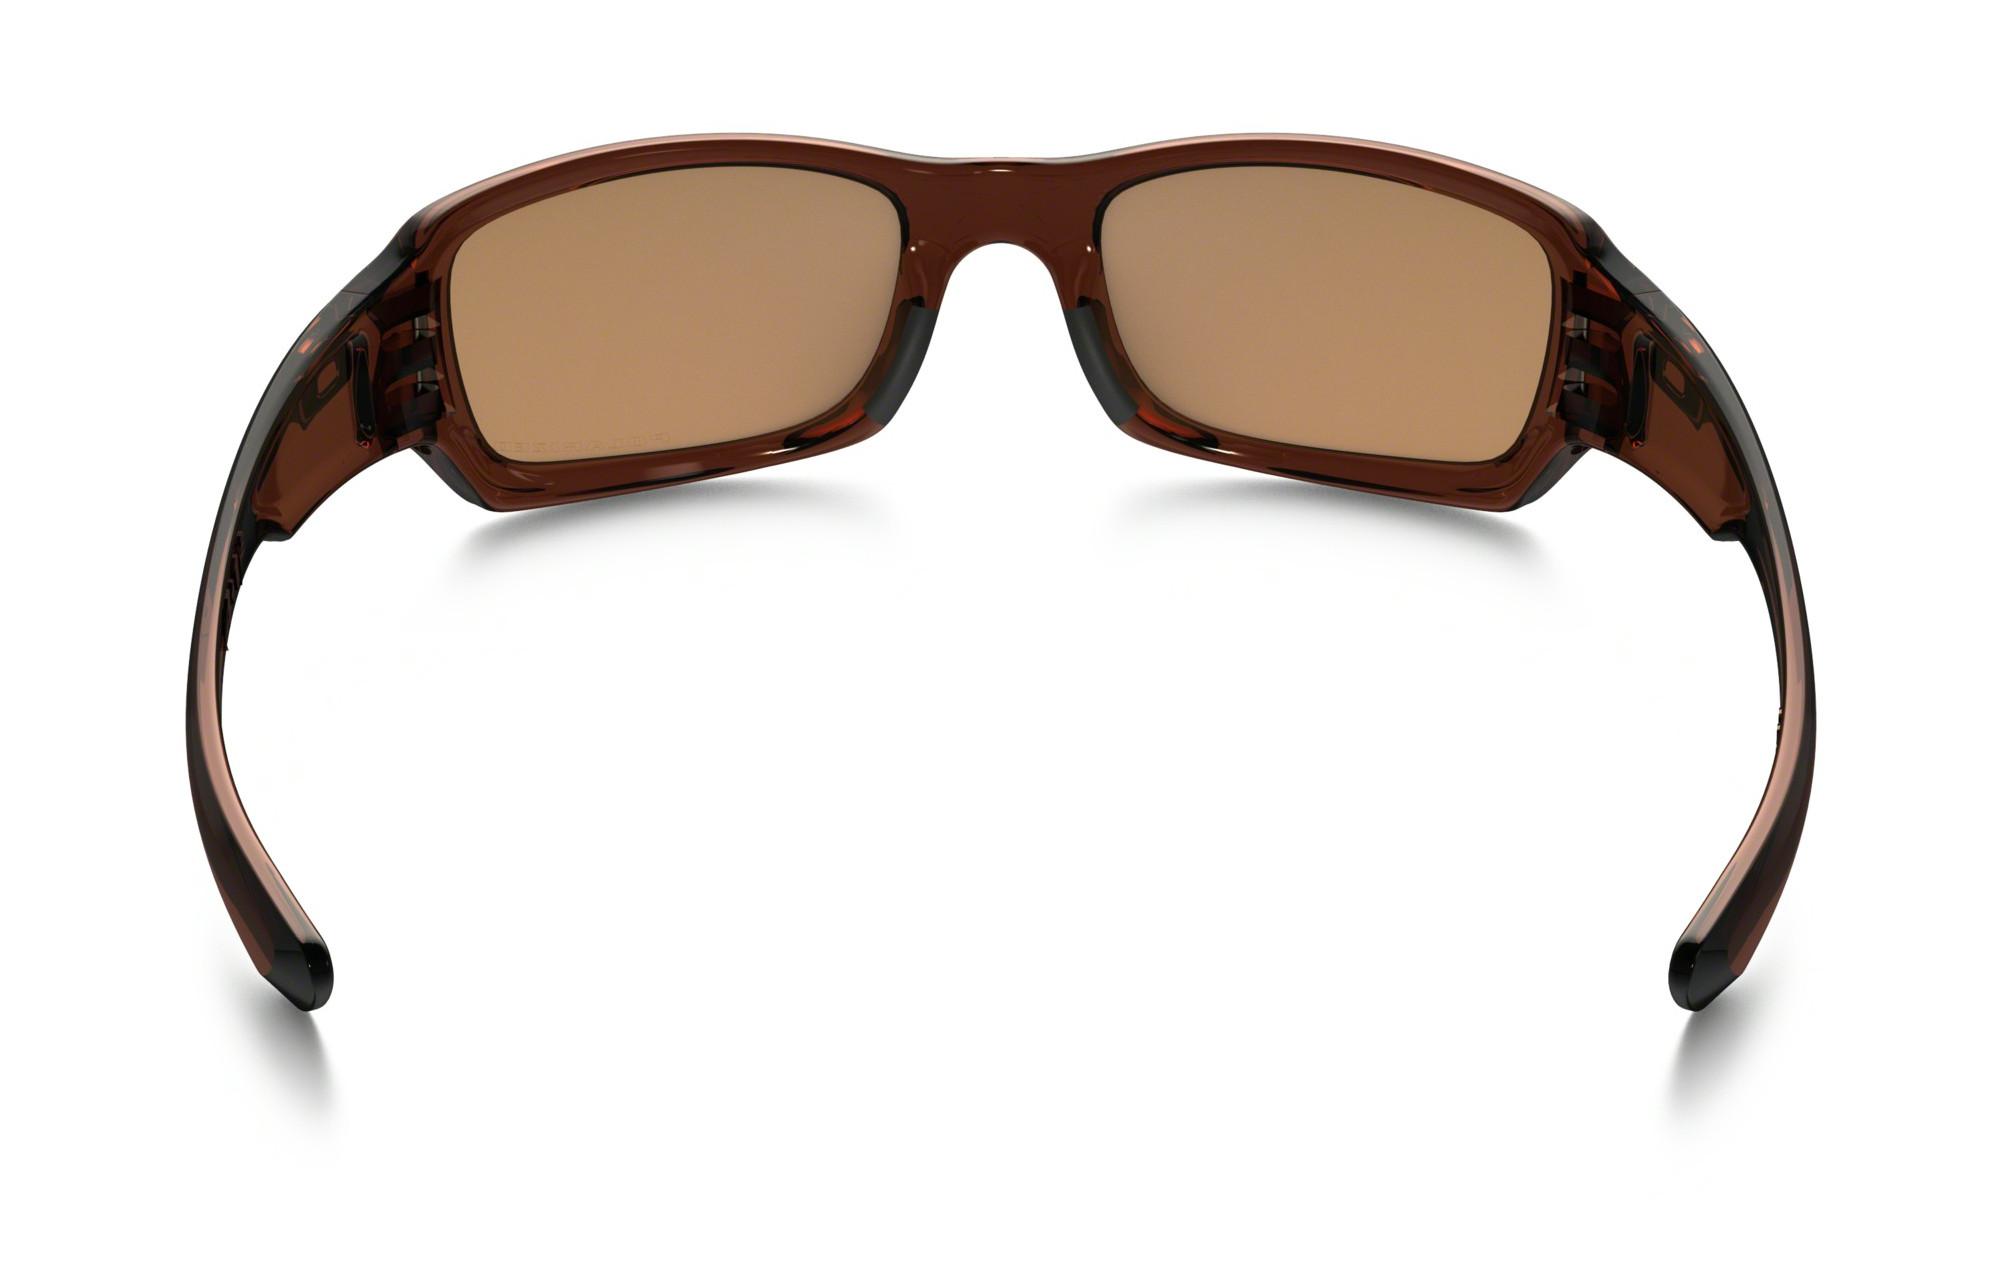 c80e86331155c OAKLEY FIVES SQUARED Sunglasses Brown - Brown Polarized Ref OO9238 ...